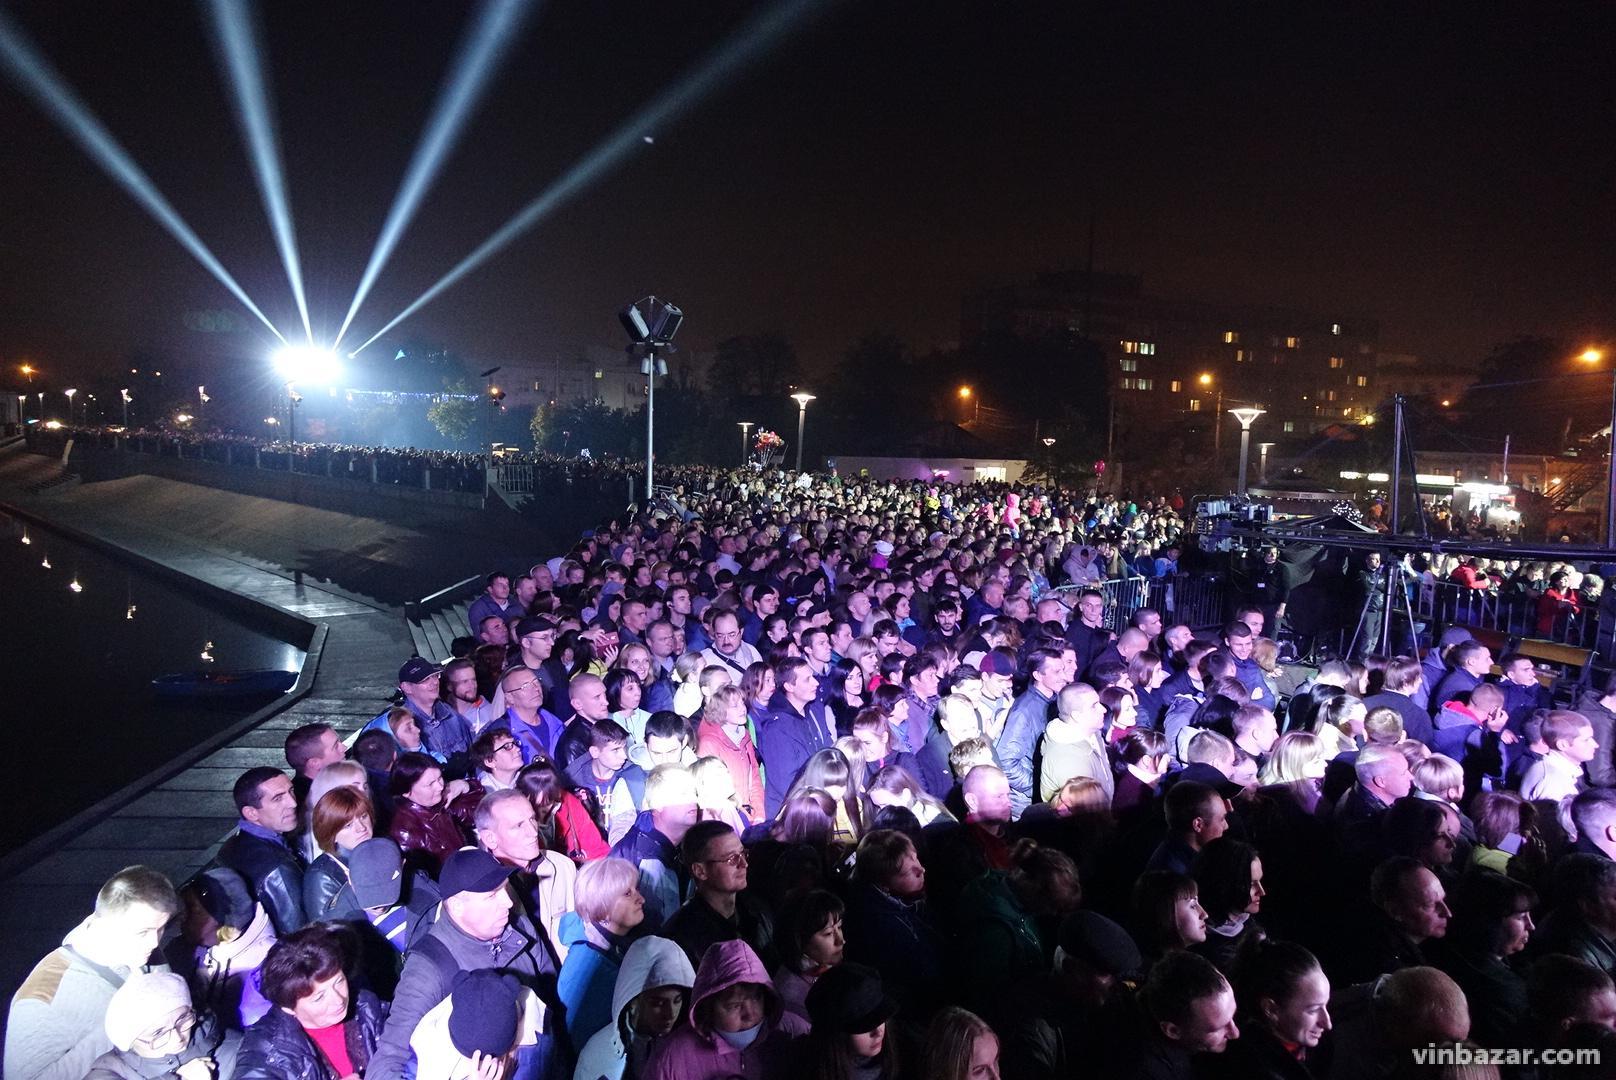 Закриття фонтану Рошен 2018: на святковому концерті запалювали С.К.А.Й, ХАС та Плач Єремії (Фото+Відео)